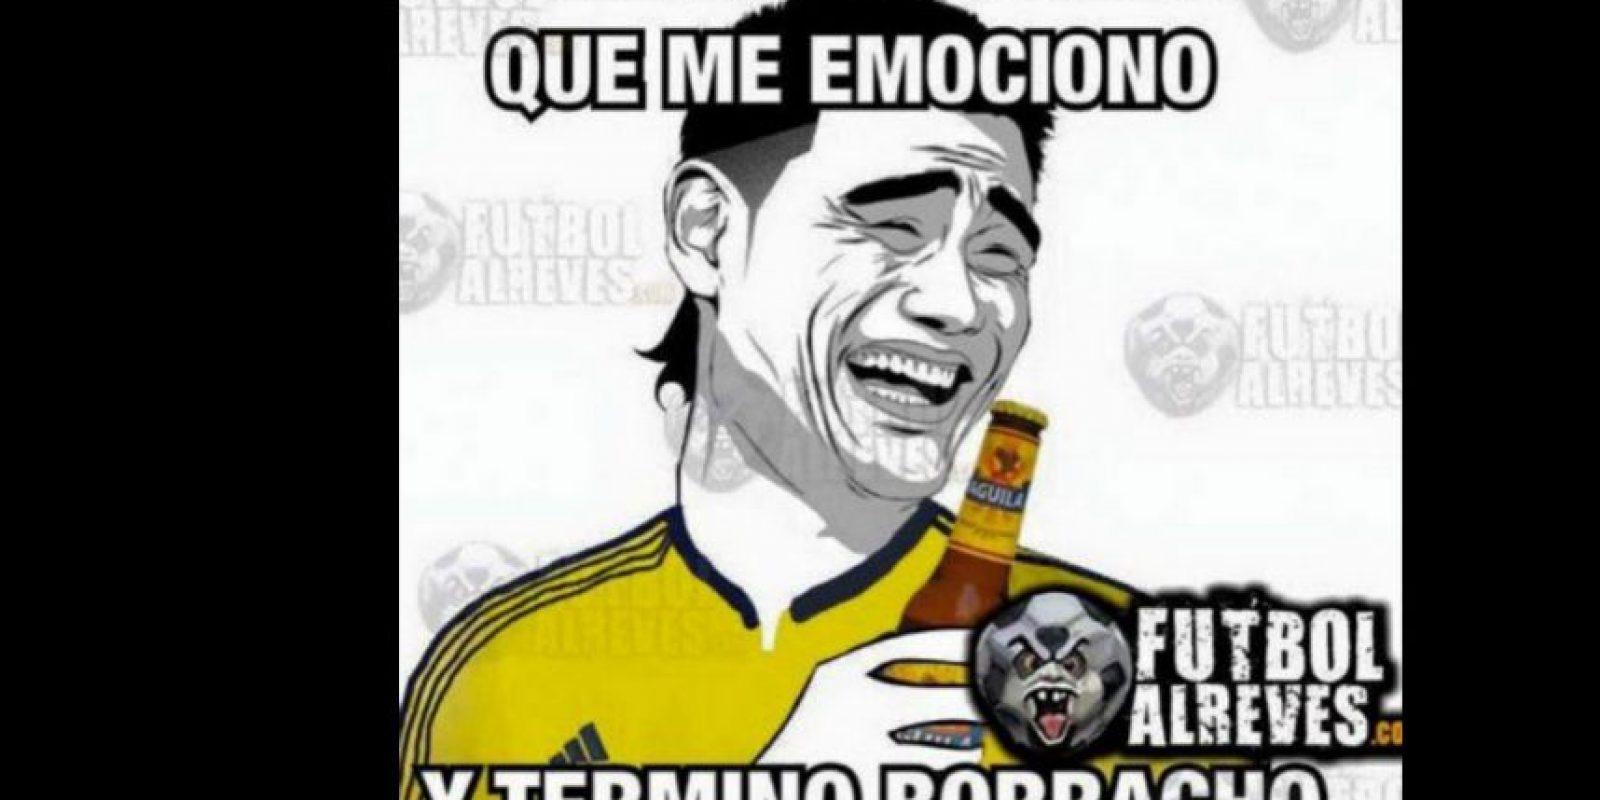 La afición colombiana durante el partido. Foto:memedeportes.com